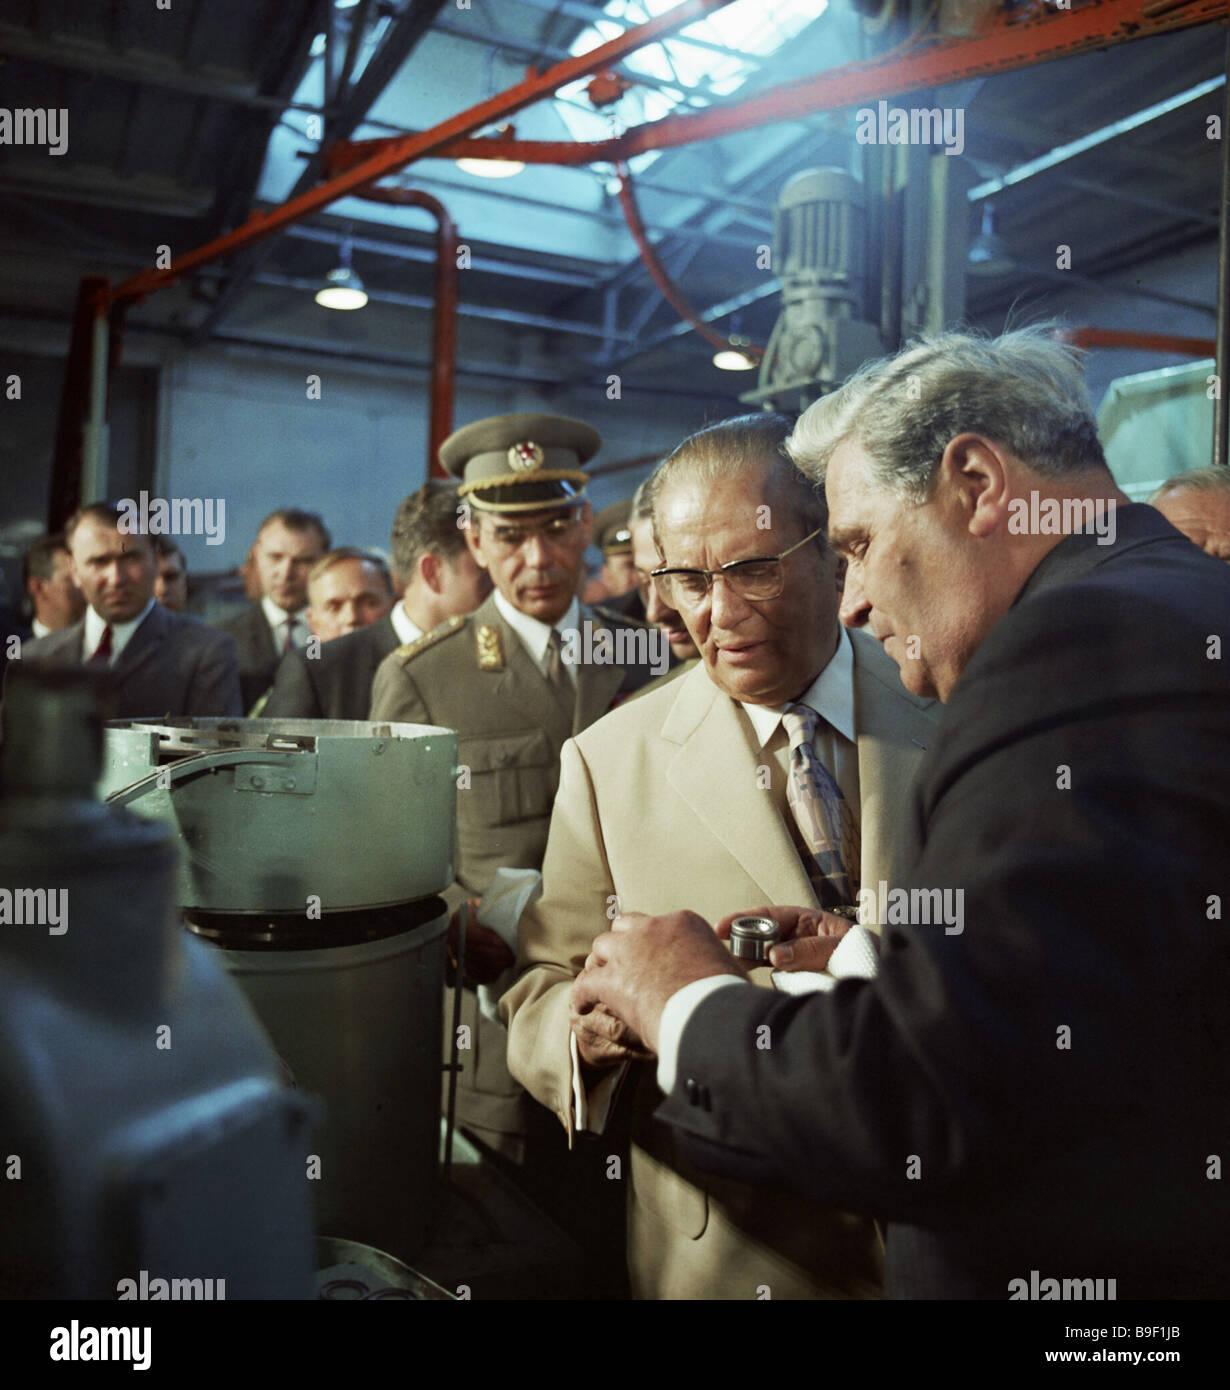 [Obrazek: yugoslav-president-josip-broz-tito-cente...B9F1JB.jpg]